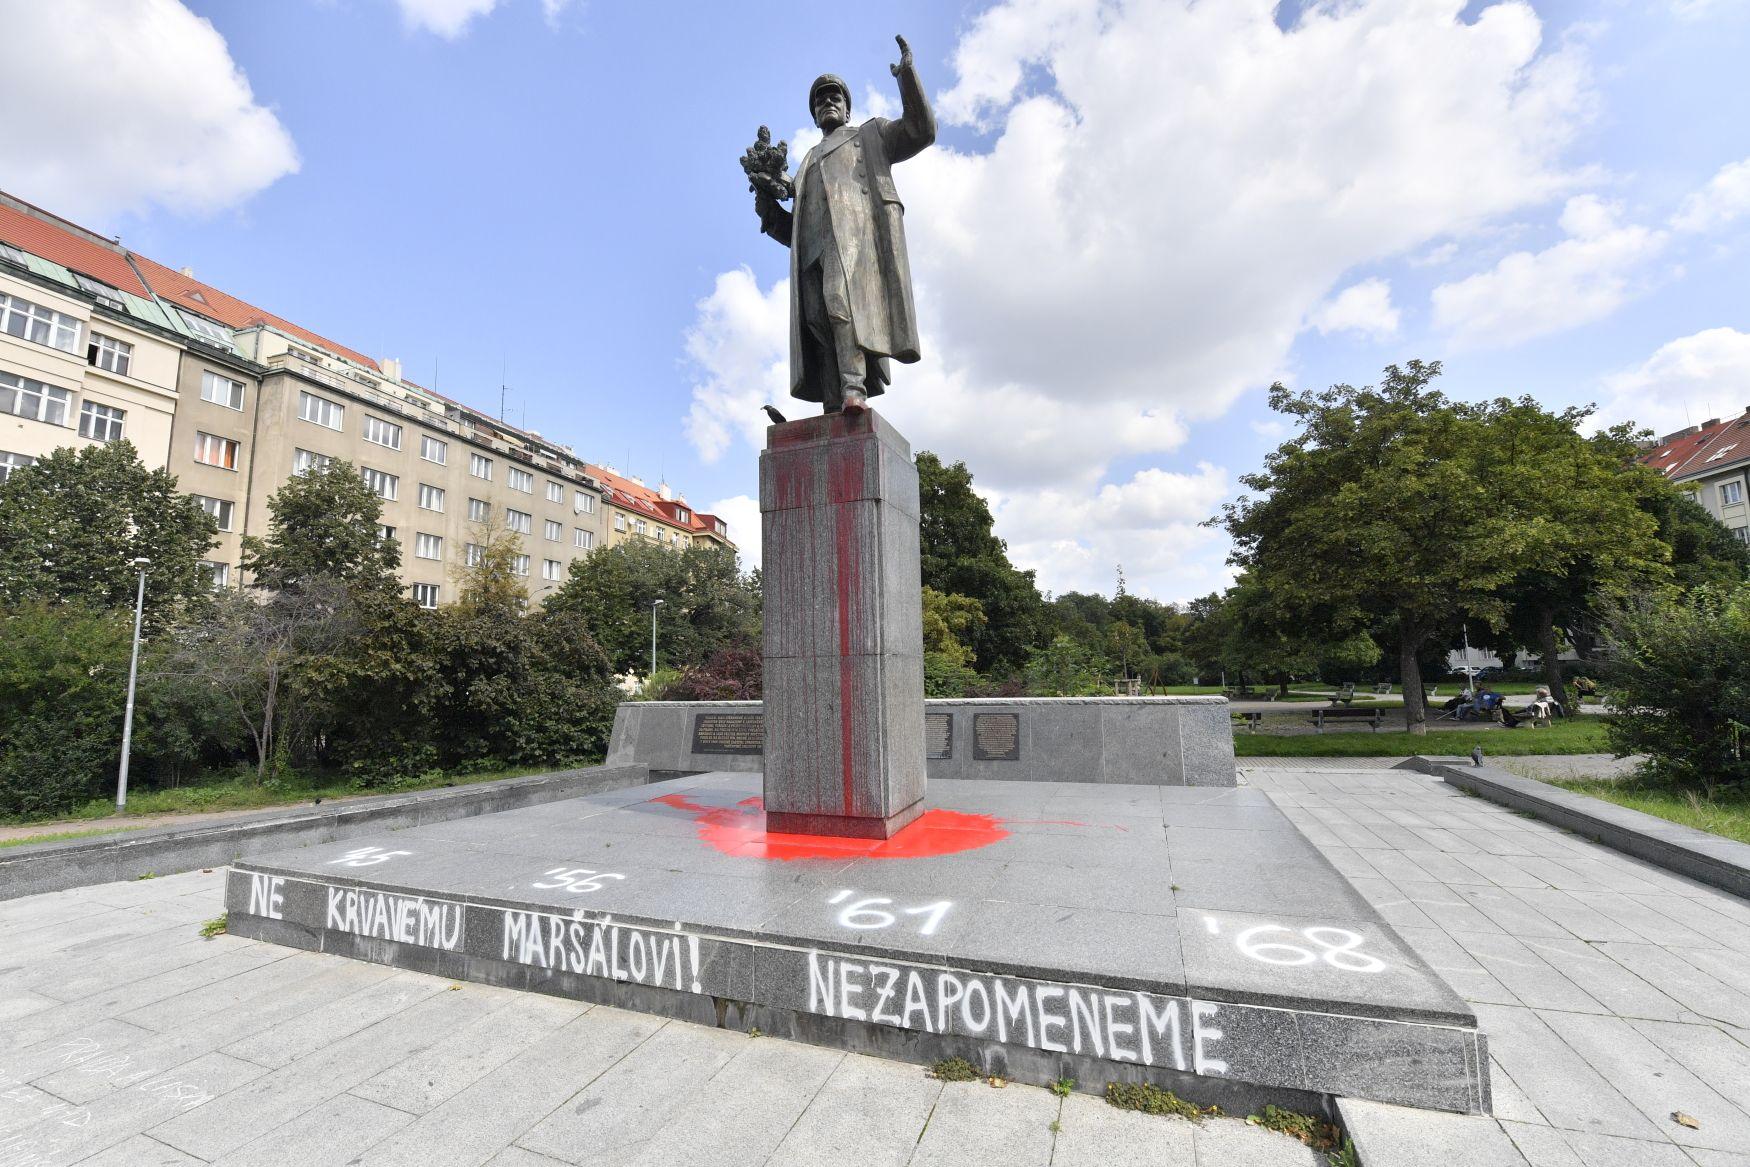 Семья Чапаевых обратилась к Сергею Шойгу в связи с осквернением памятника маршалу Коневу в Праге